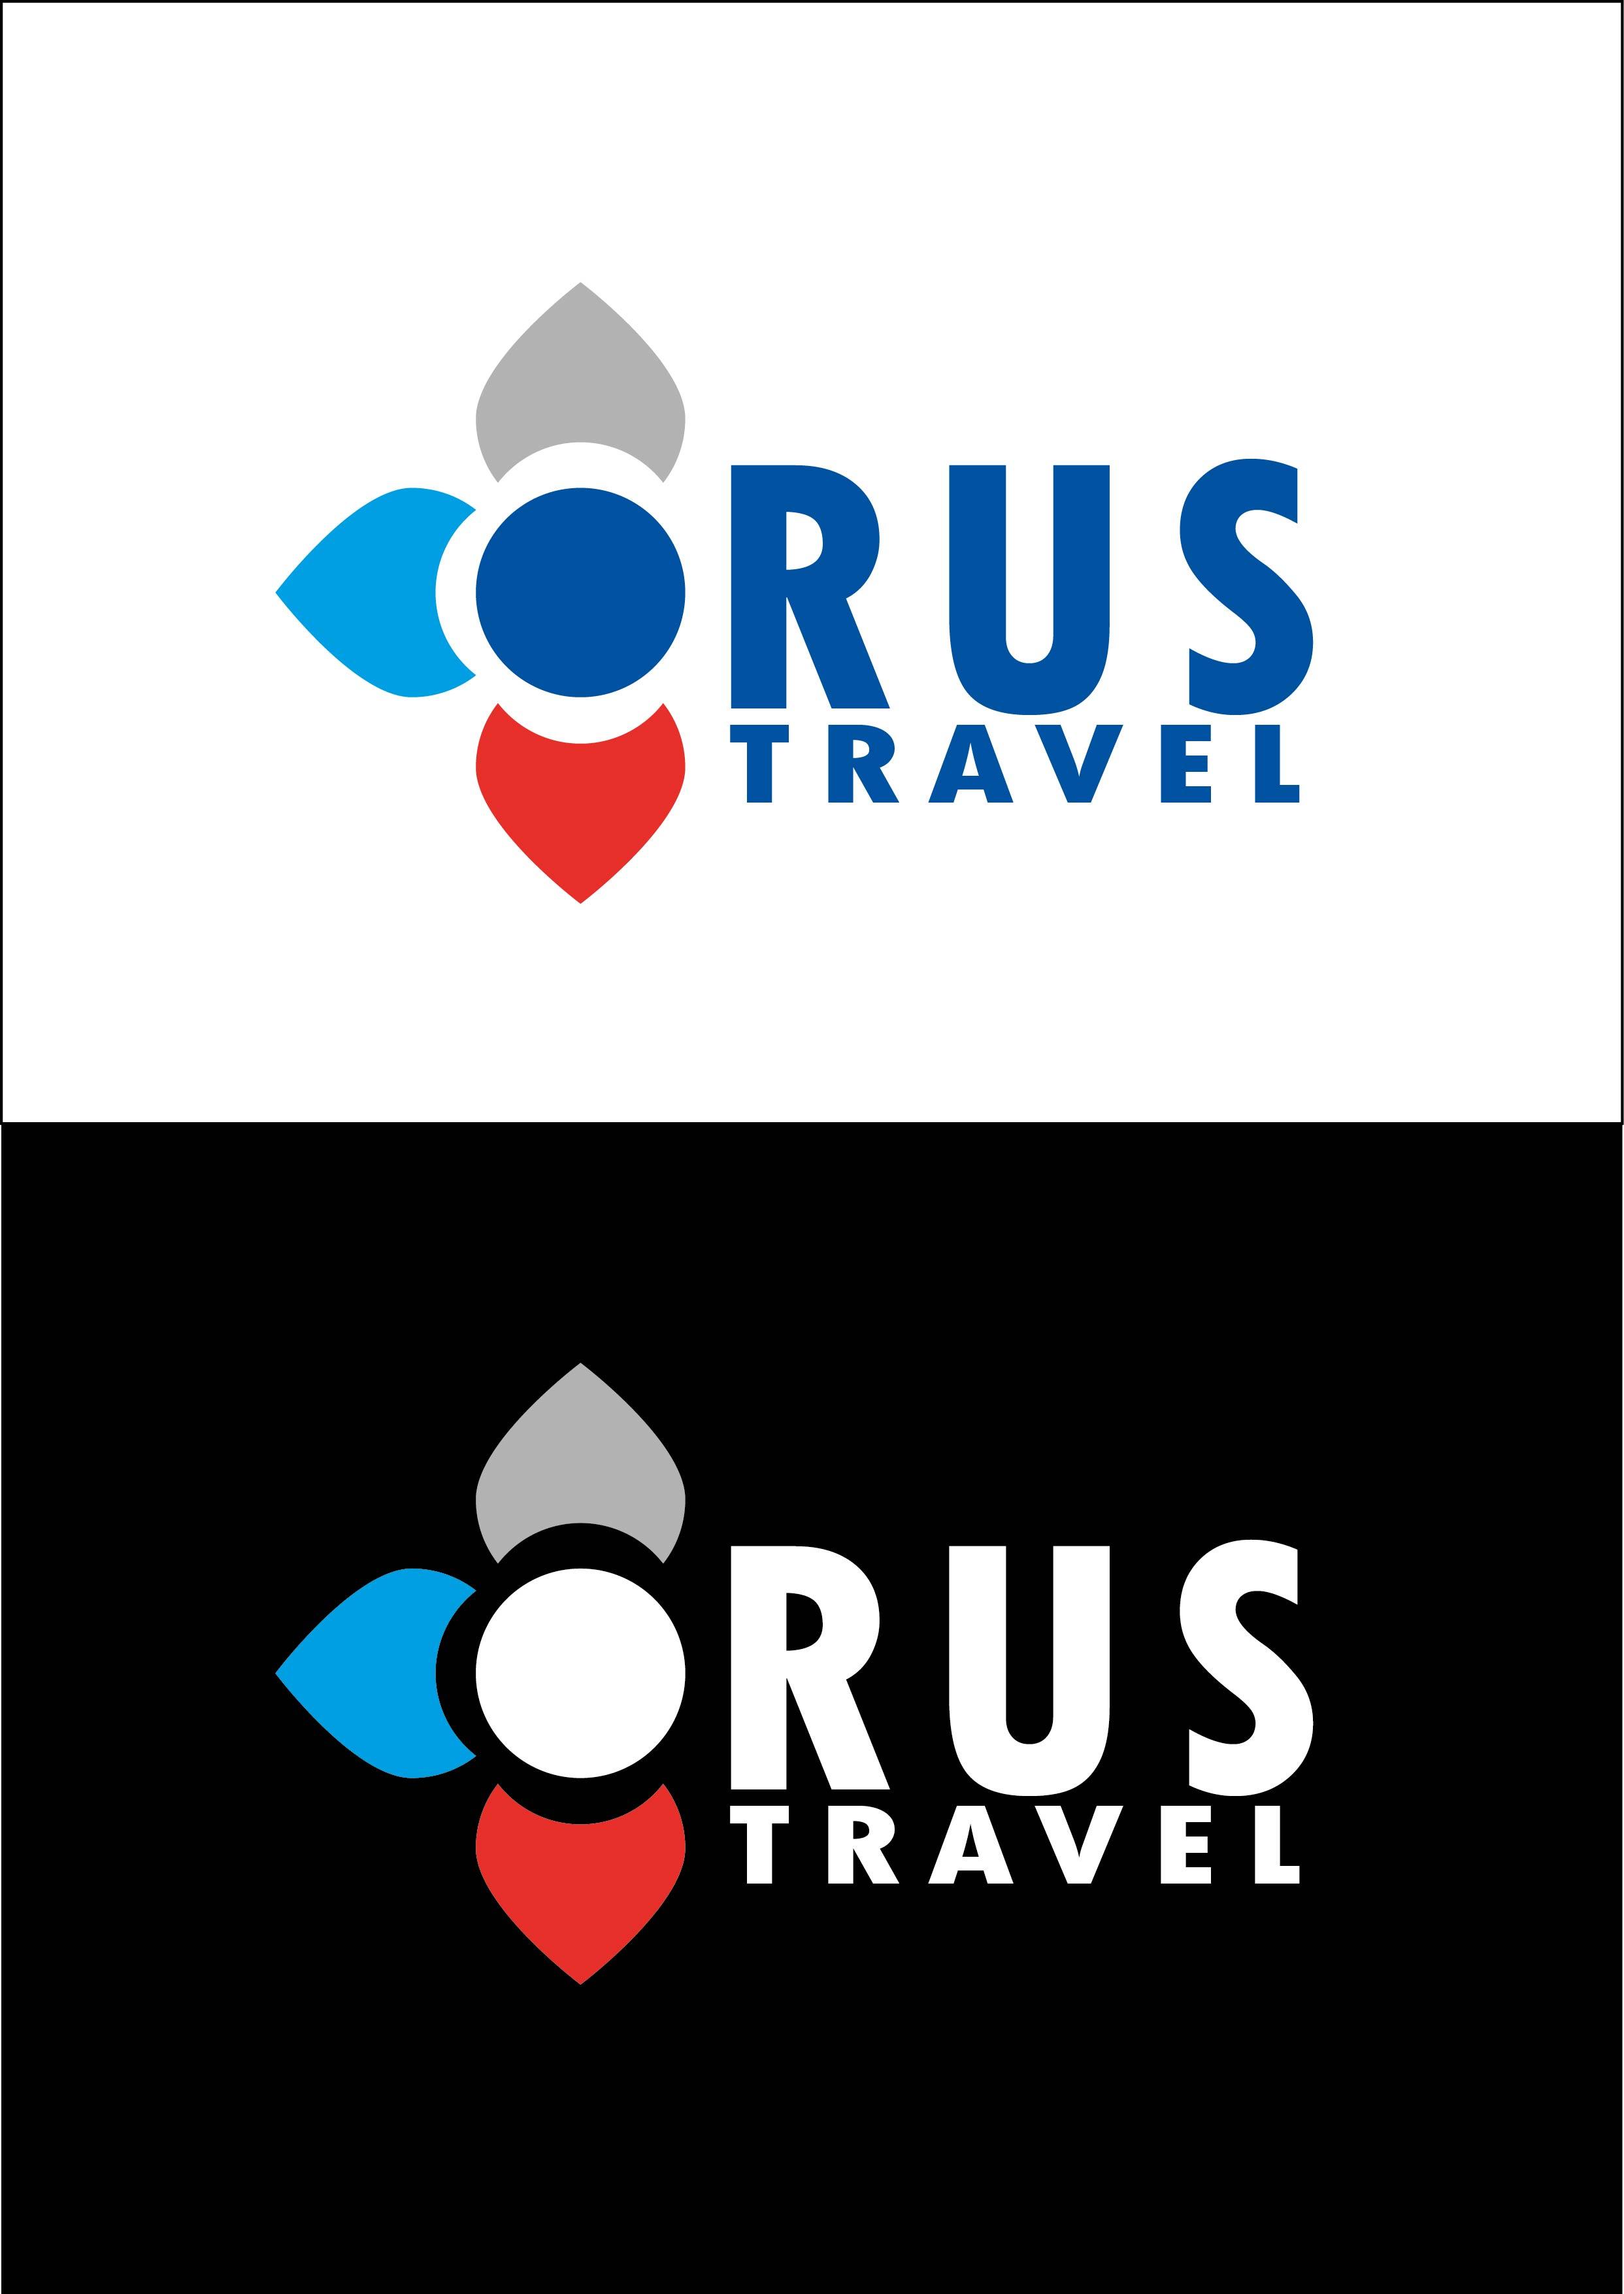 Разработка логотипа фото f_9745b3dc9c24f2ac.jpg